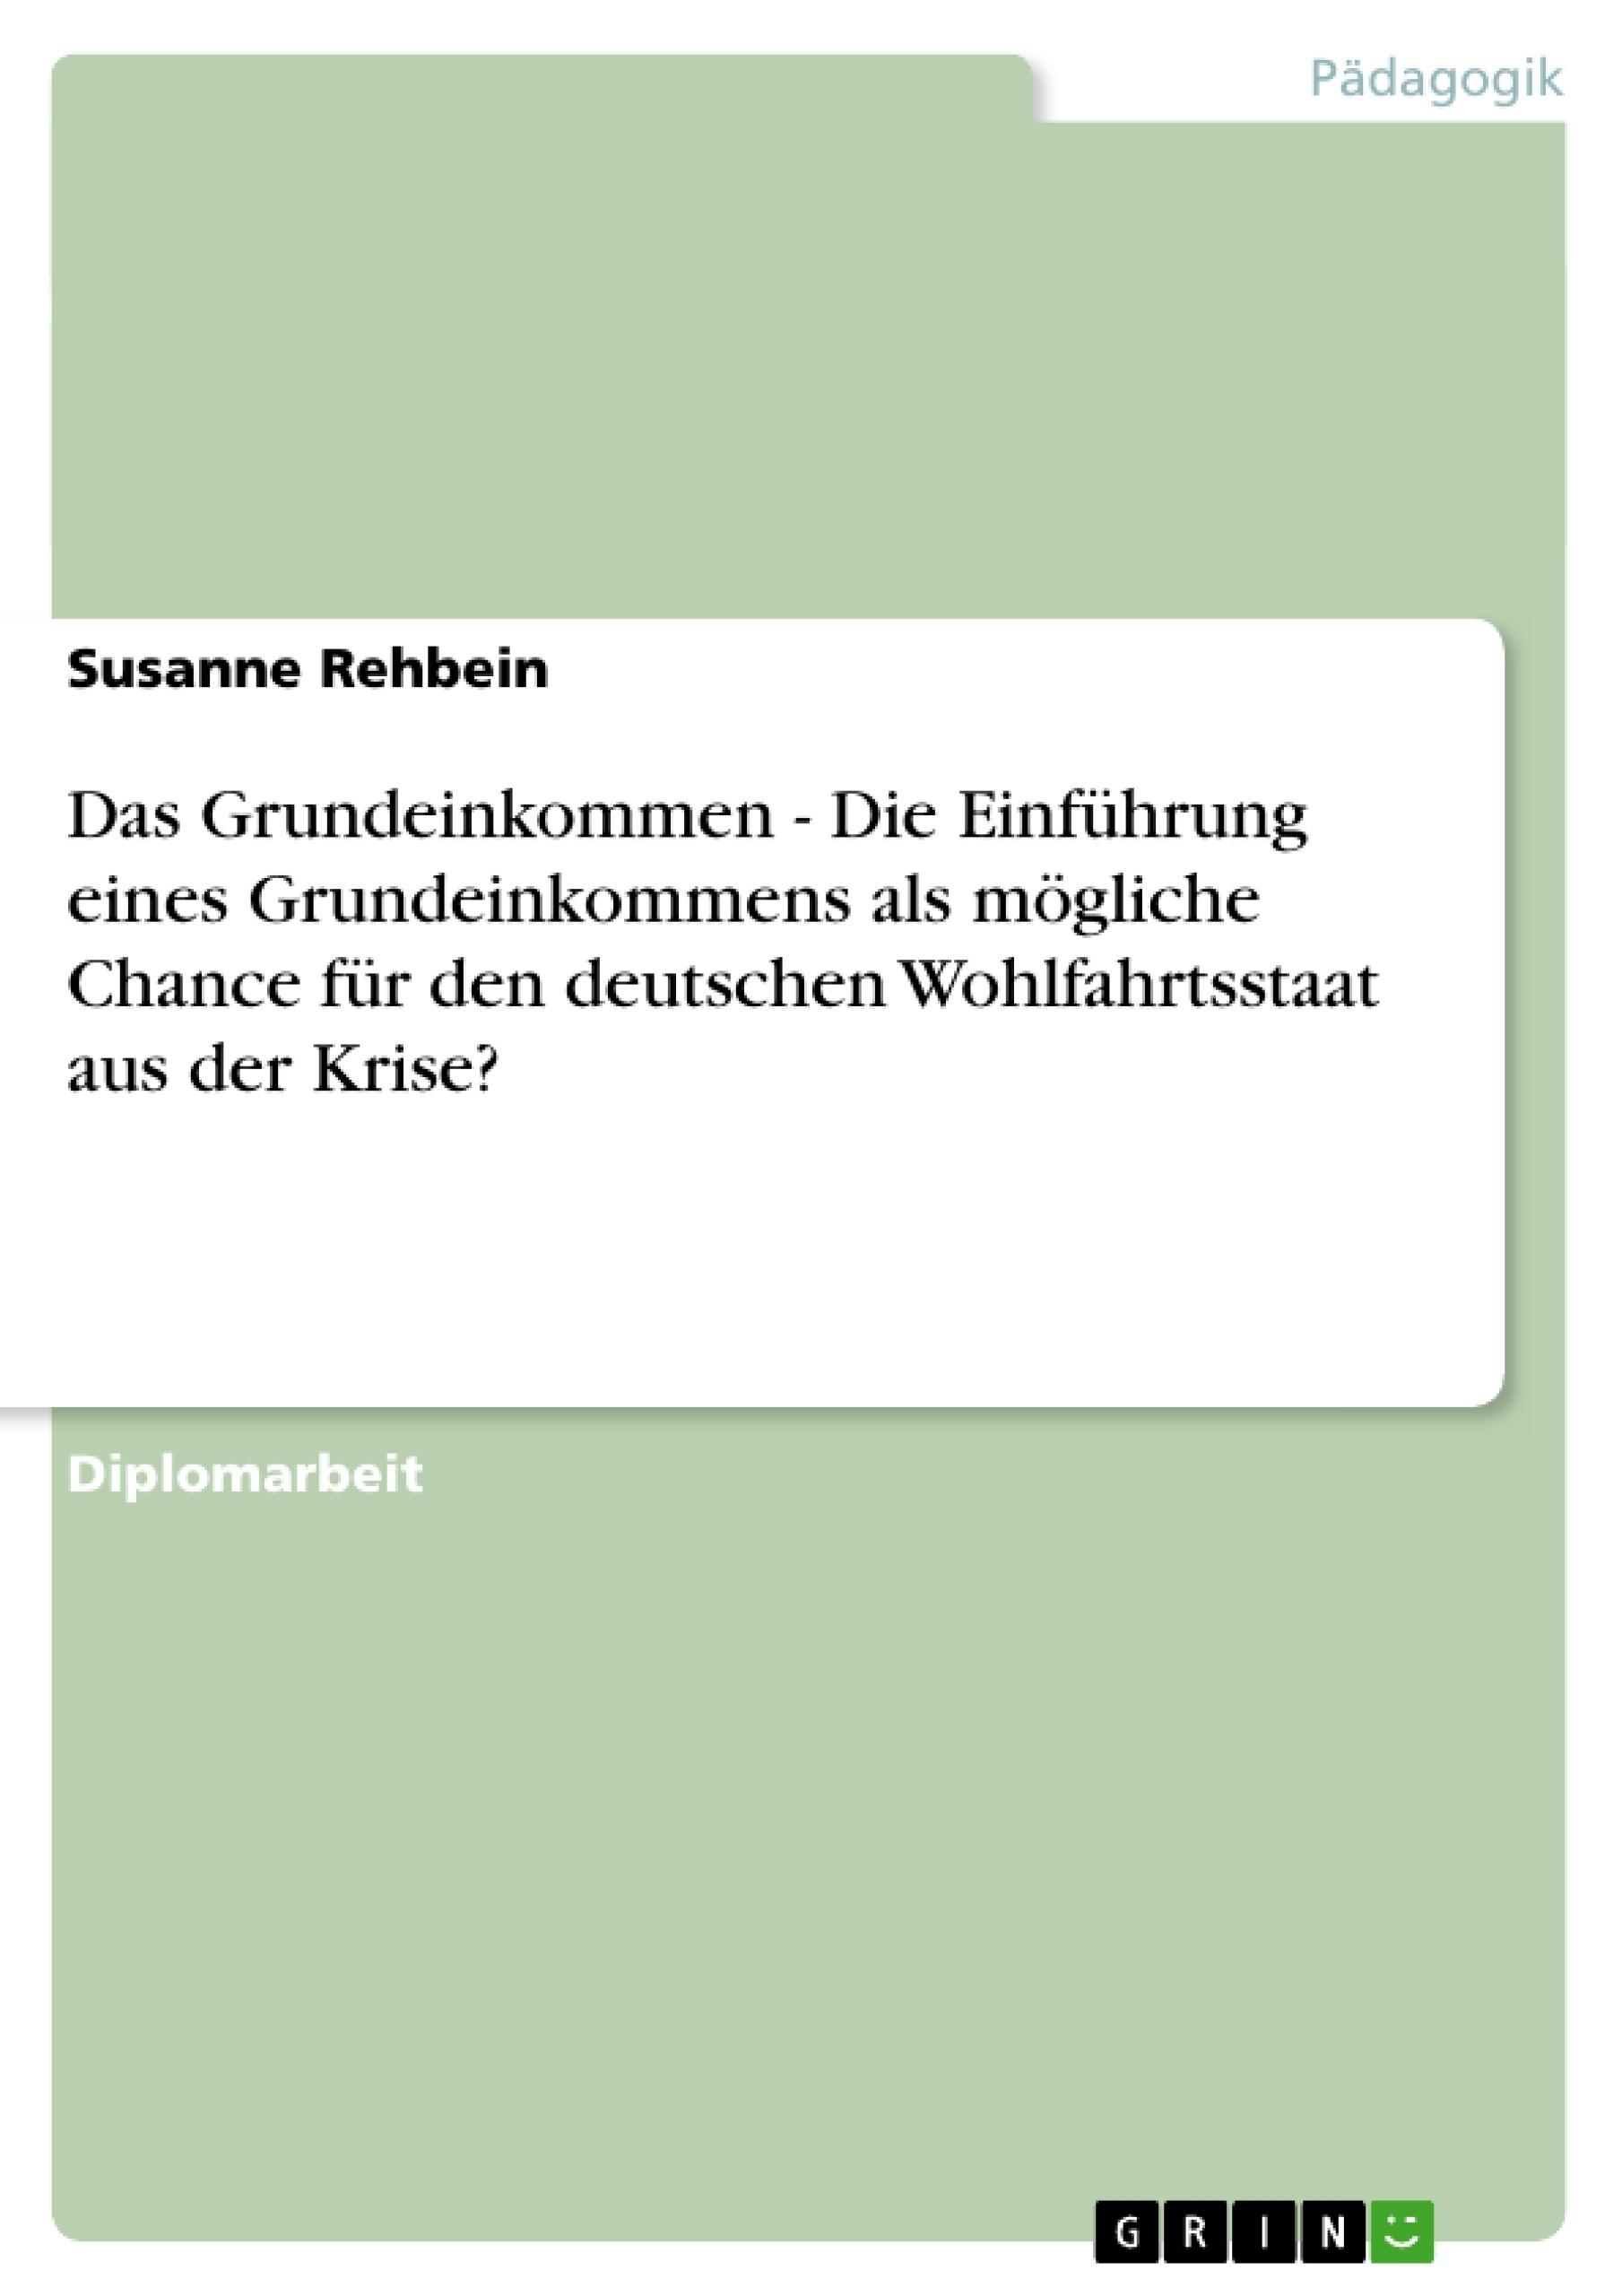 Titel: Das Grundeinkommen - Die Einführung eines Grundeinkommens als mögliche Chance für den deutschen Wohlfahrtsstaat aus der Krise?